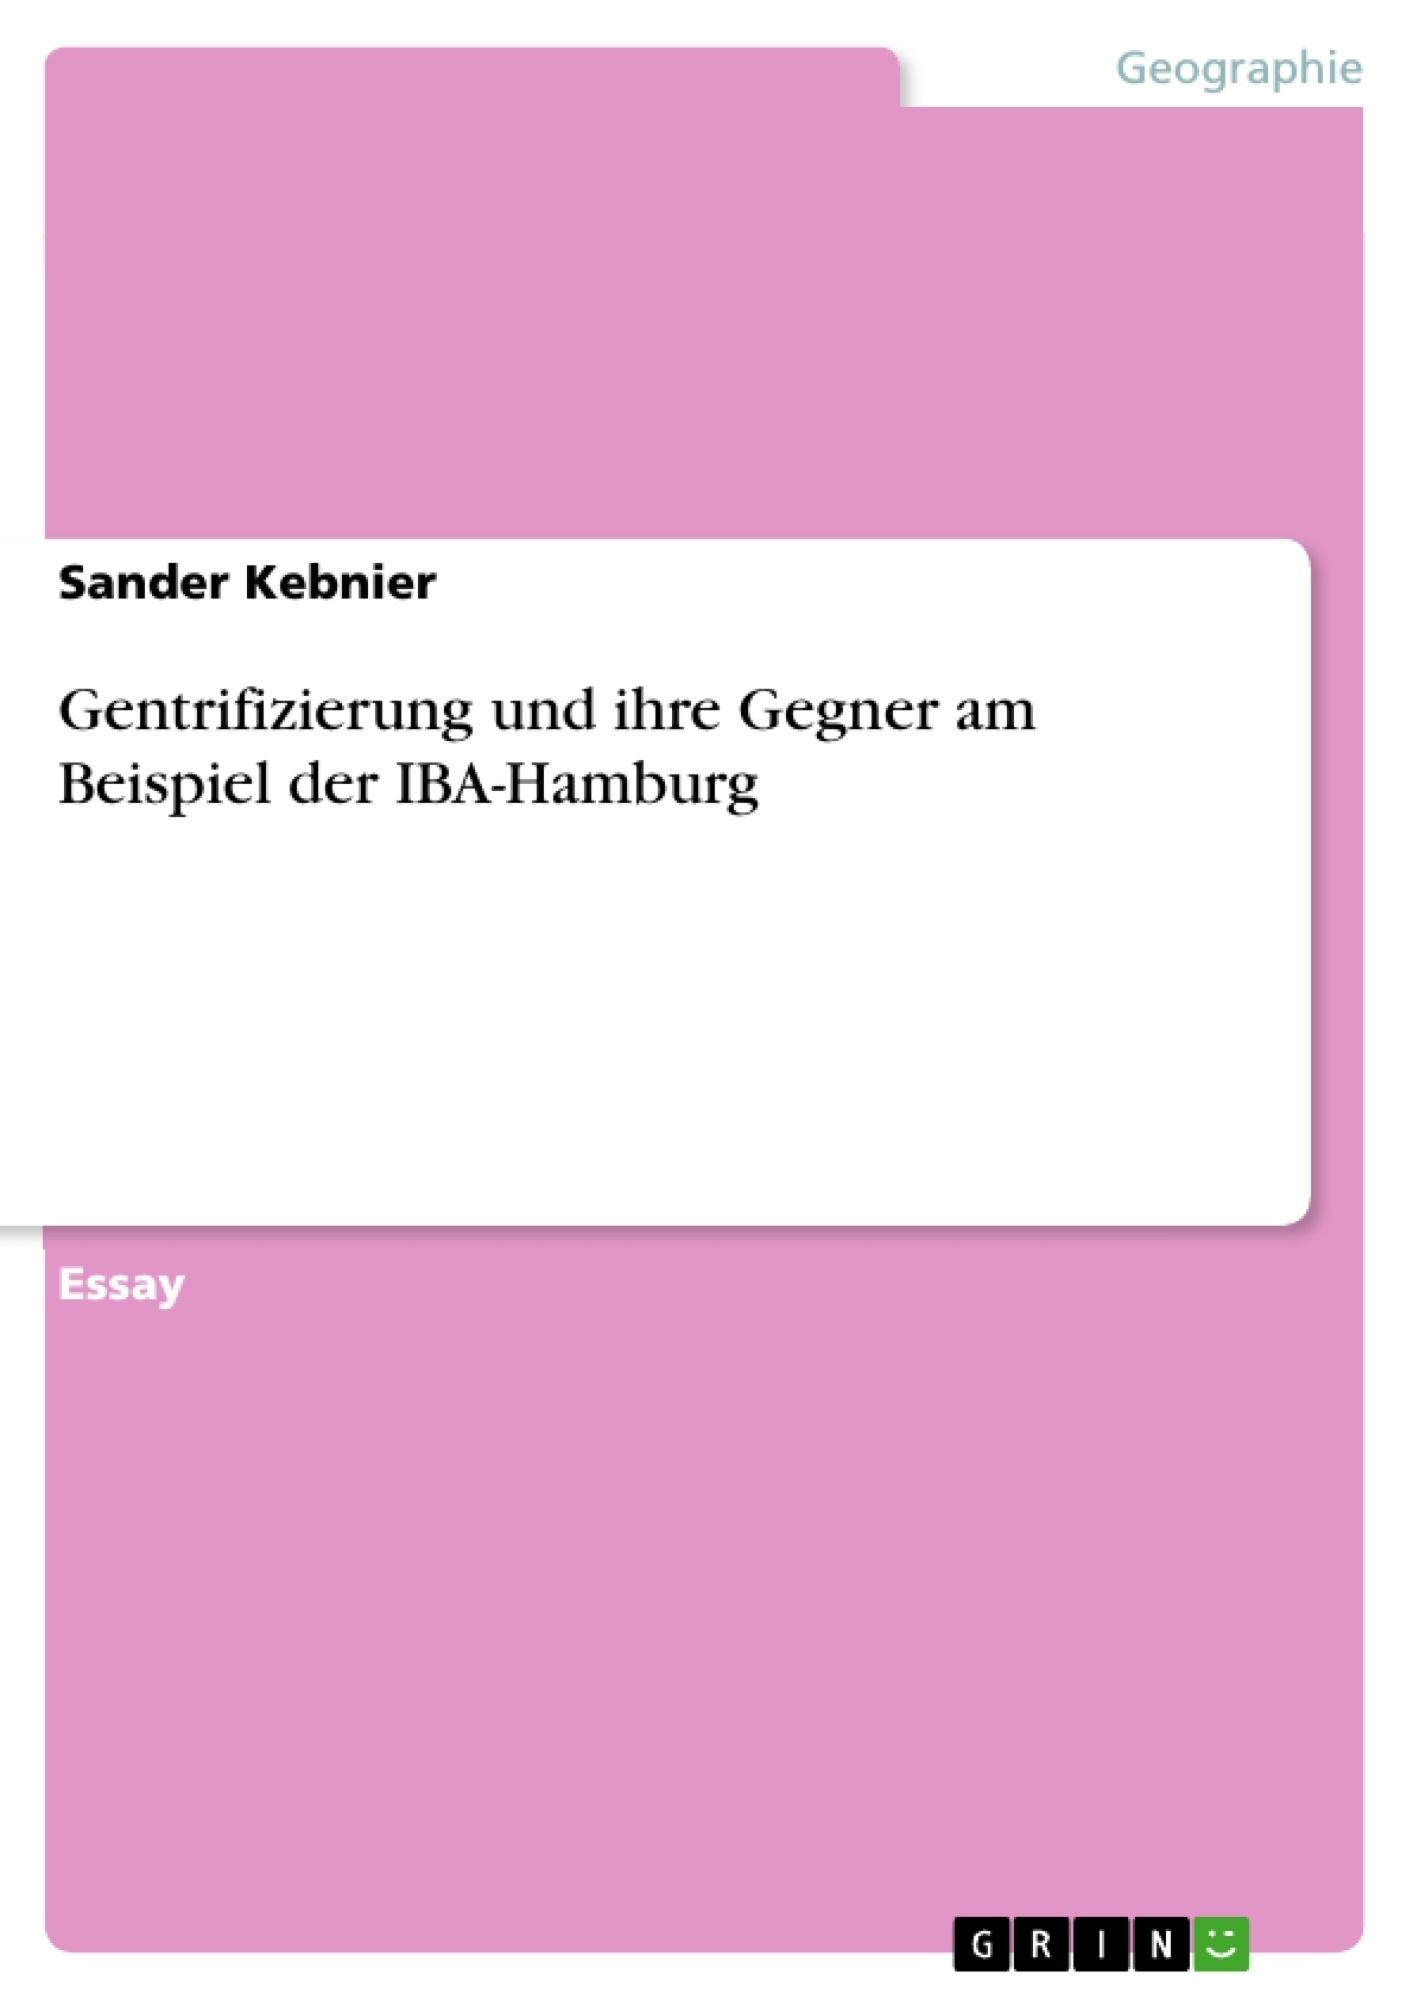 Titel: Gentrifizierung und ihre Gegner am Beispiel der IBA-Hamburg